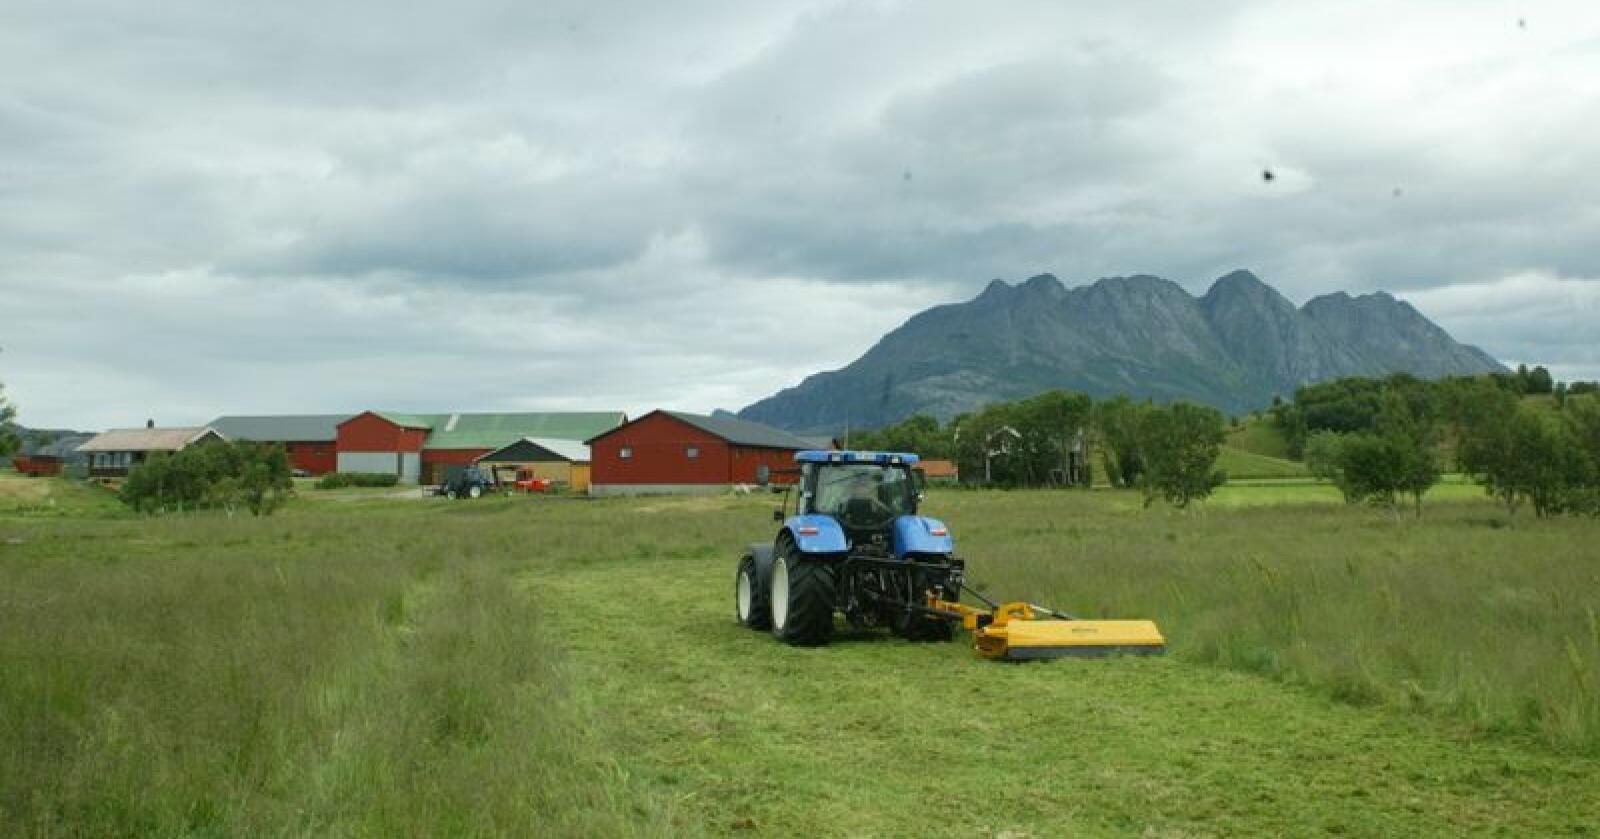 Gras taper: I tilskuddssone 5–7, der blant annet Nord-Norge og Nordvestlandet ligger, har grasarealet gått ned med nærmere 173 000 dekar fra 2008 til 2017. Bildet er fra Bodø. (Arkivfoto)